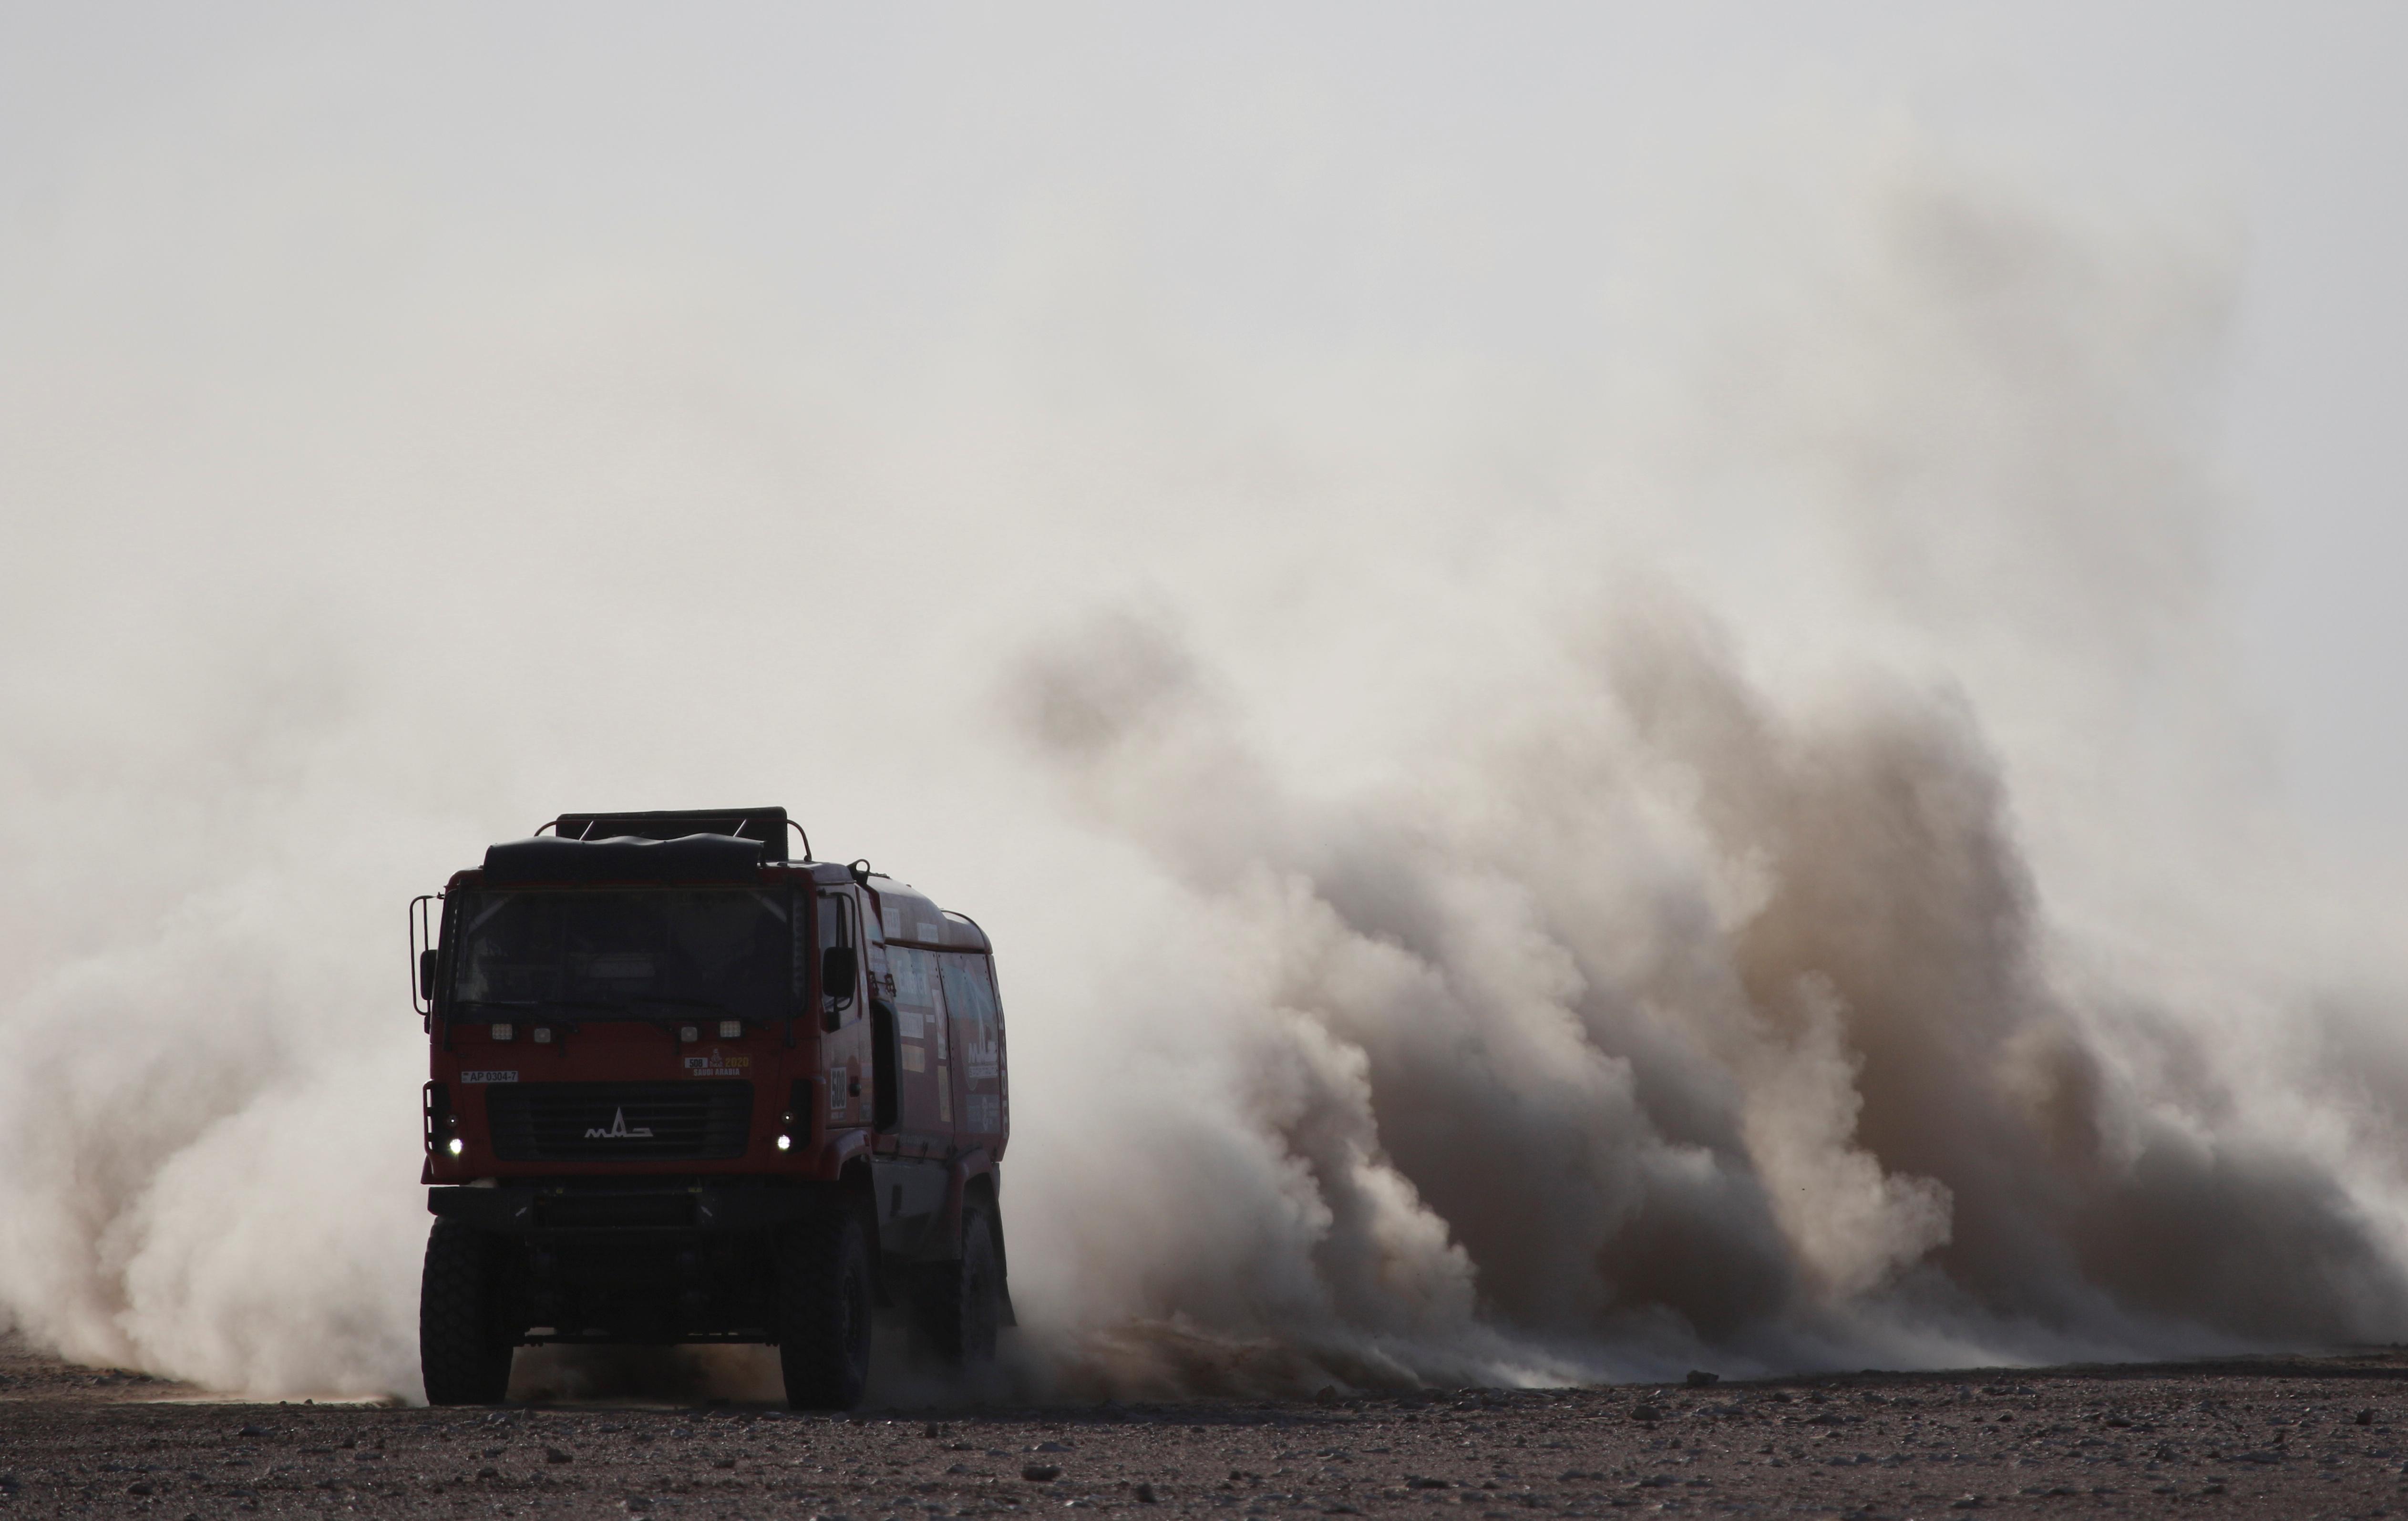 Este martes se corrió la etapa 9 del Rally Dakar 2020